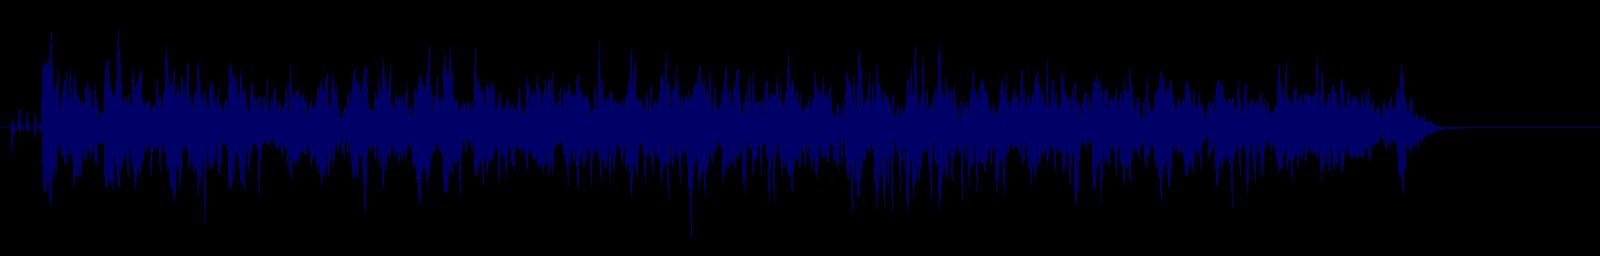 waveform of track #160000